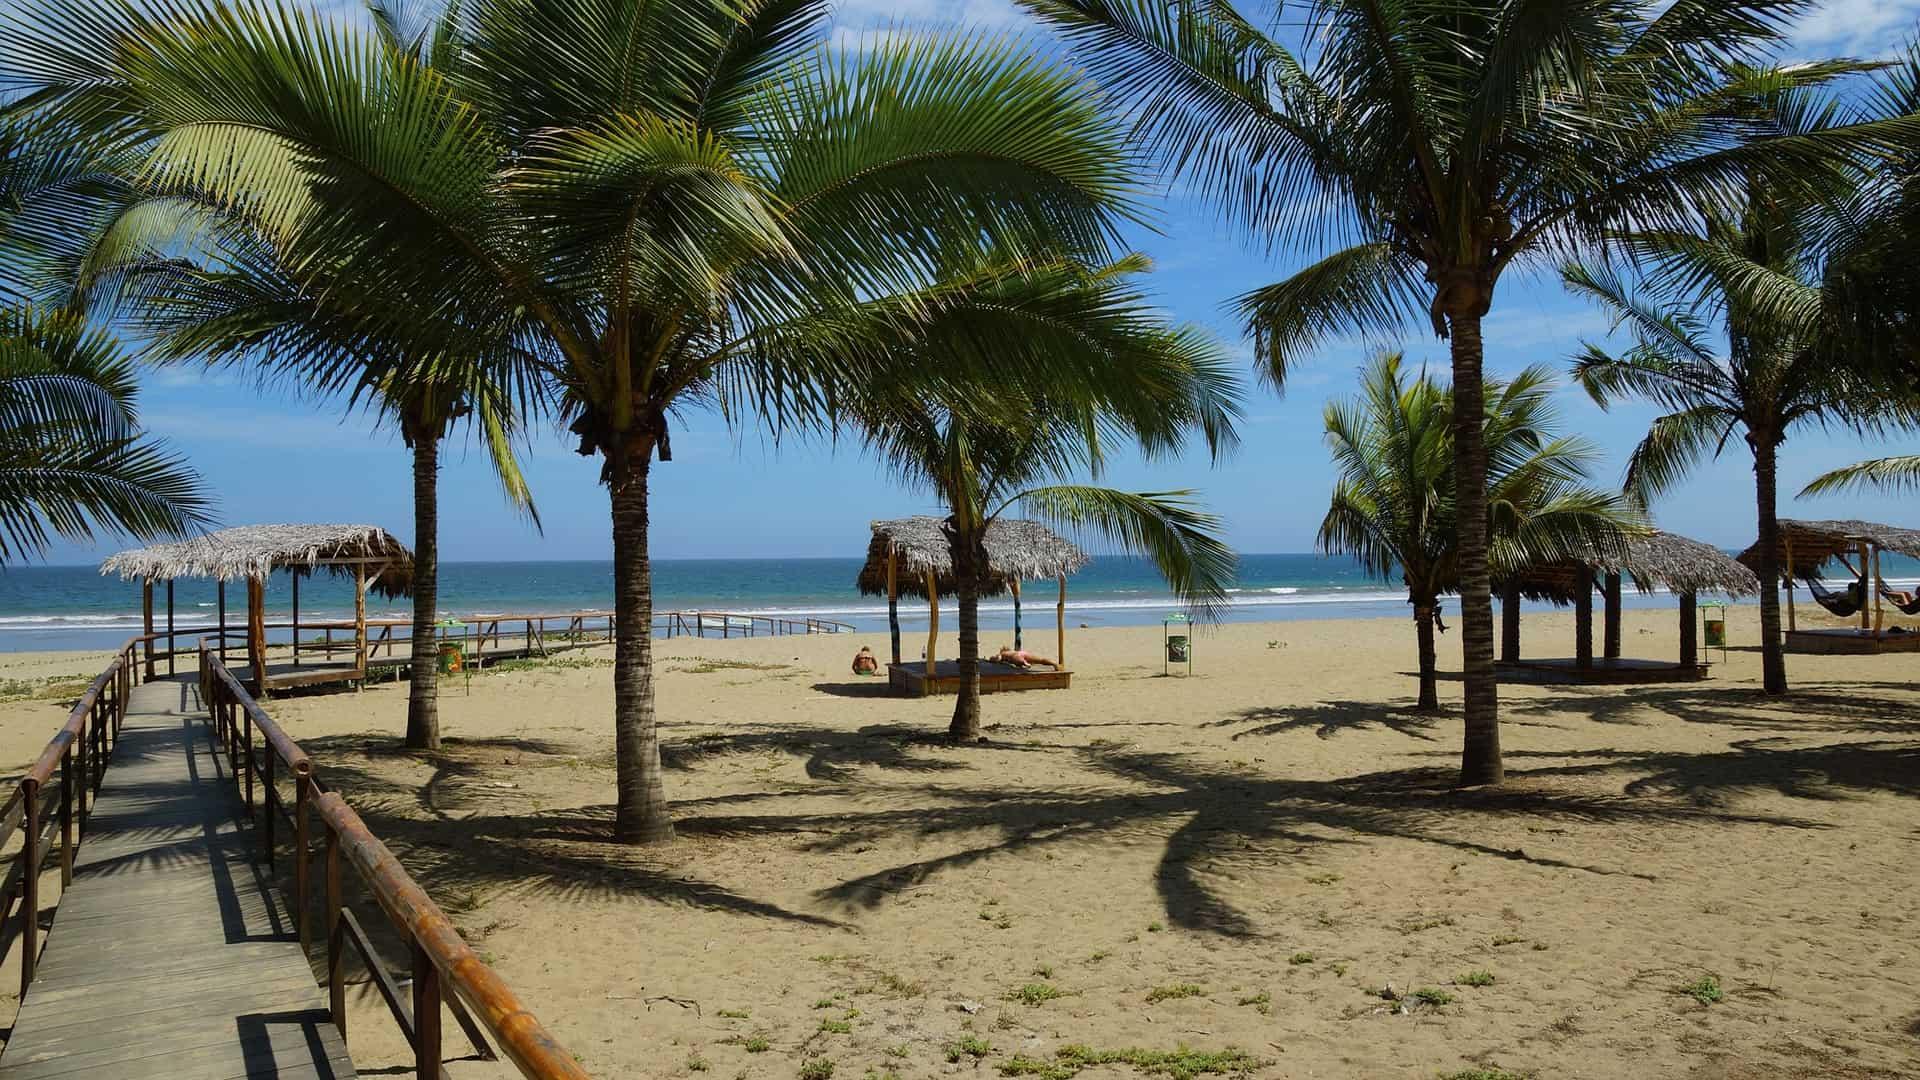 Ecuadors Strände Top 12 - Urlaub in Ecuador Tipps & Deals